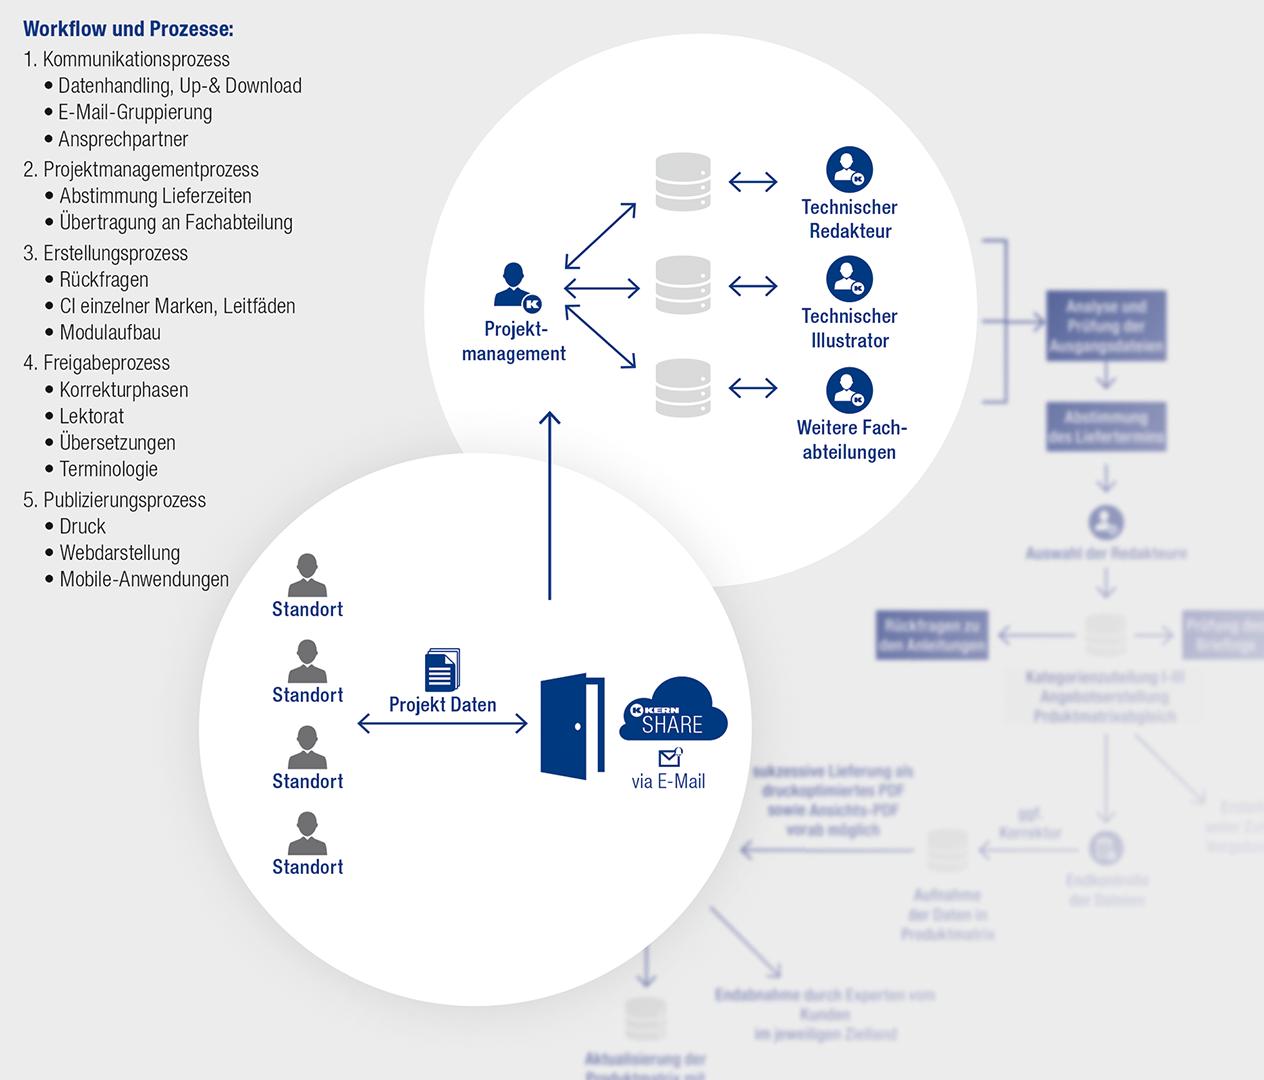 Workflow Technische Dokumentation